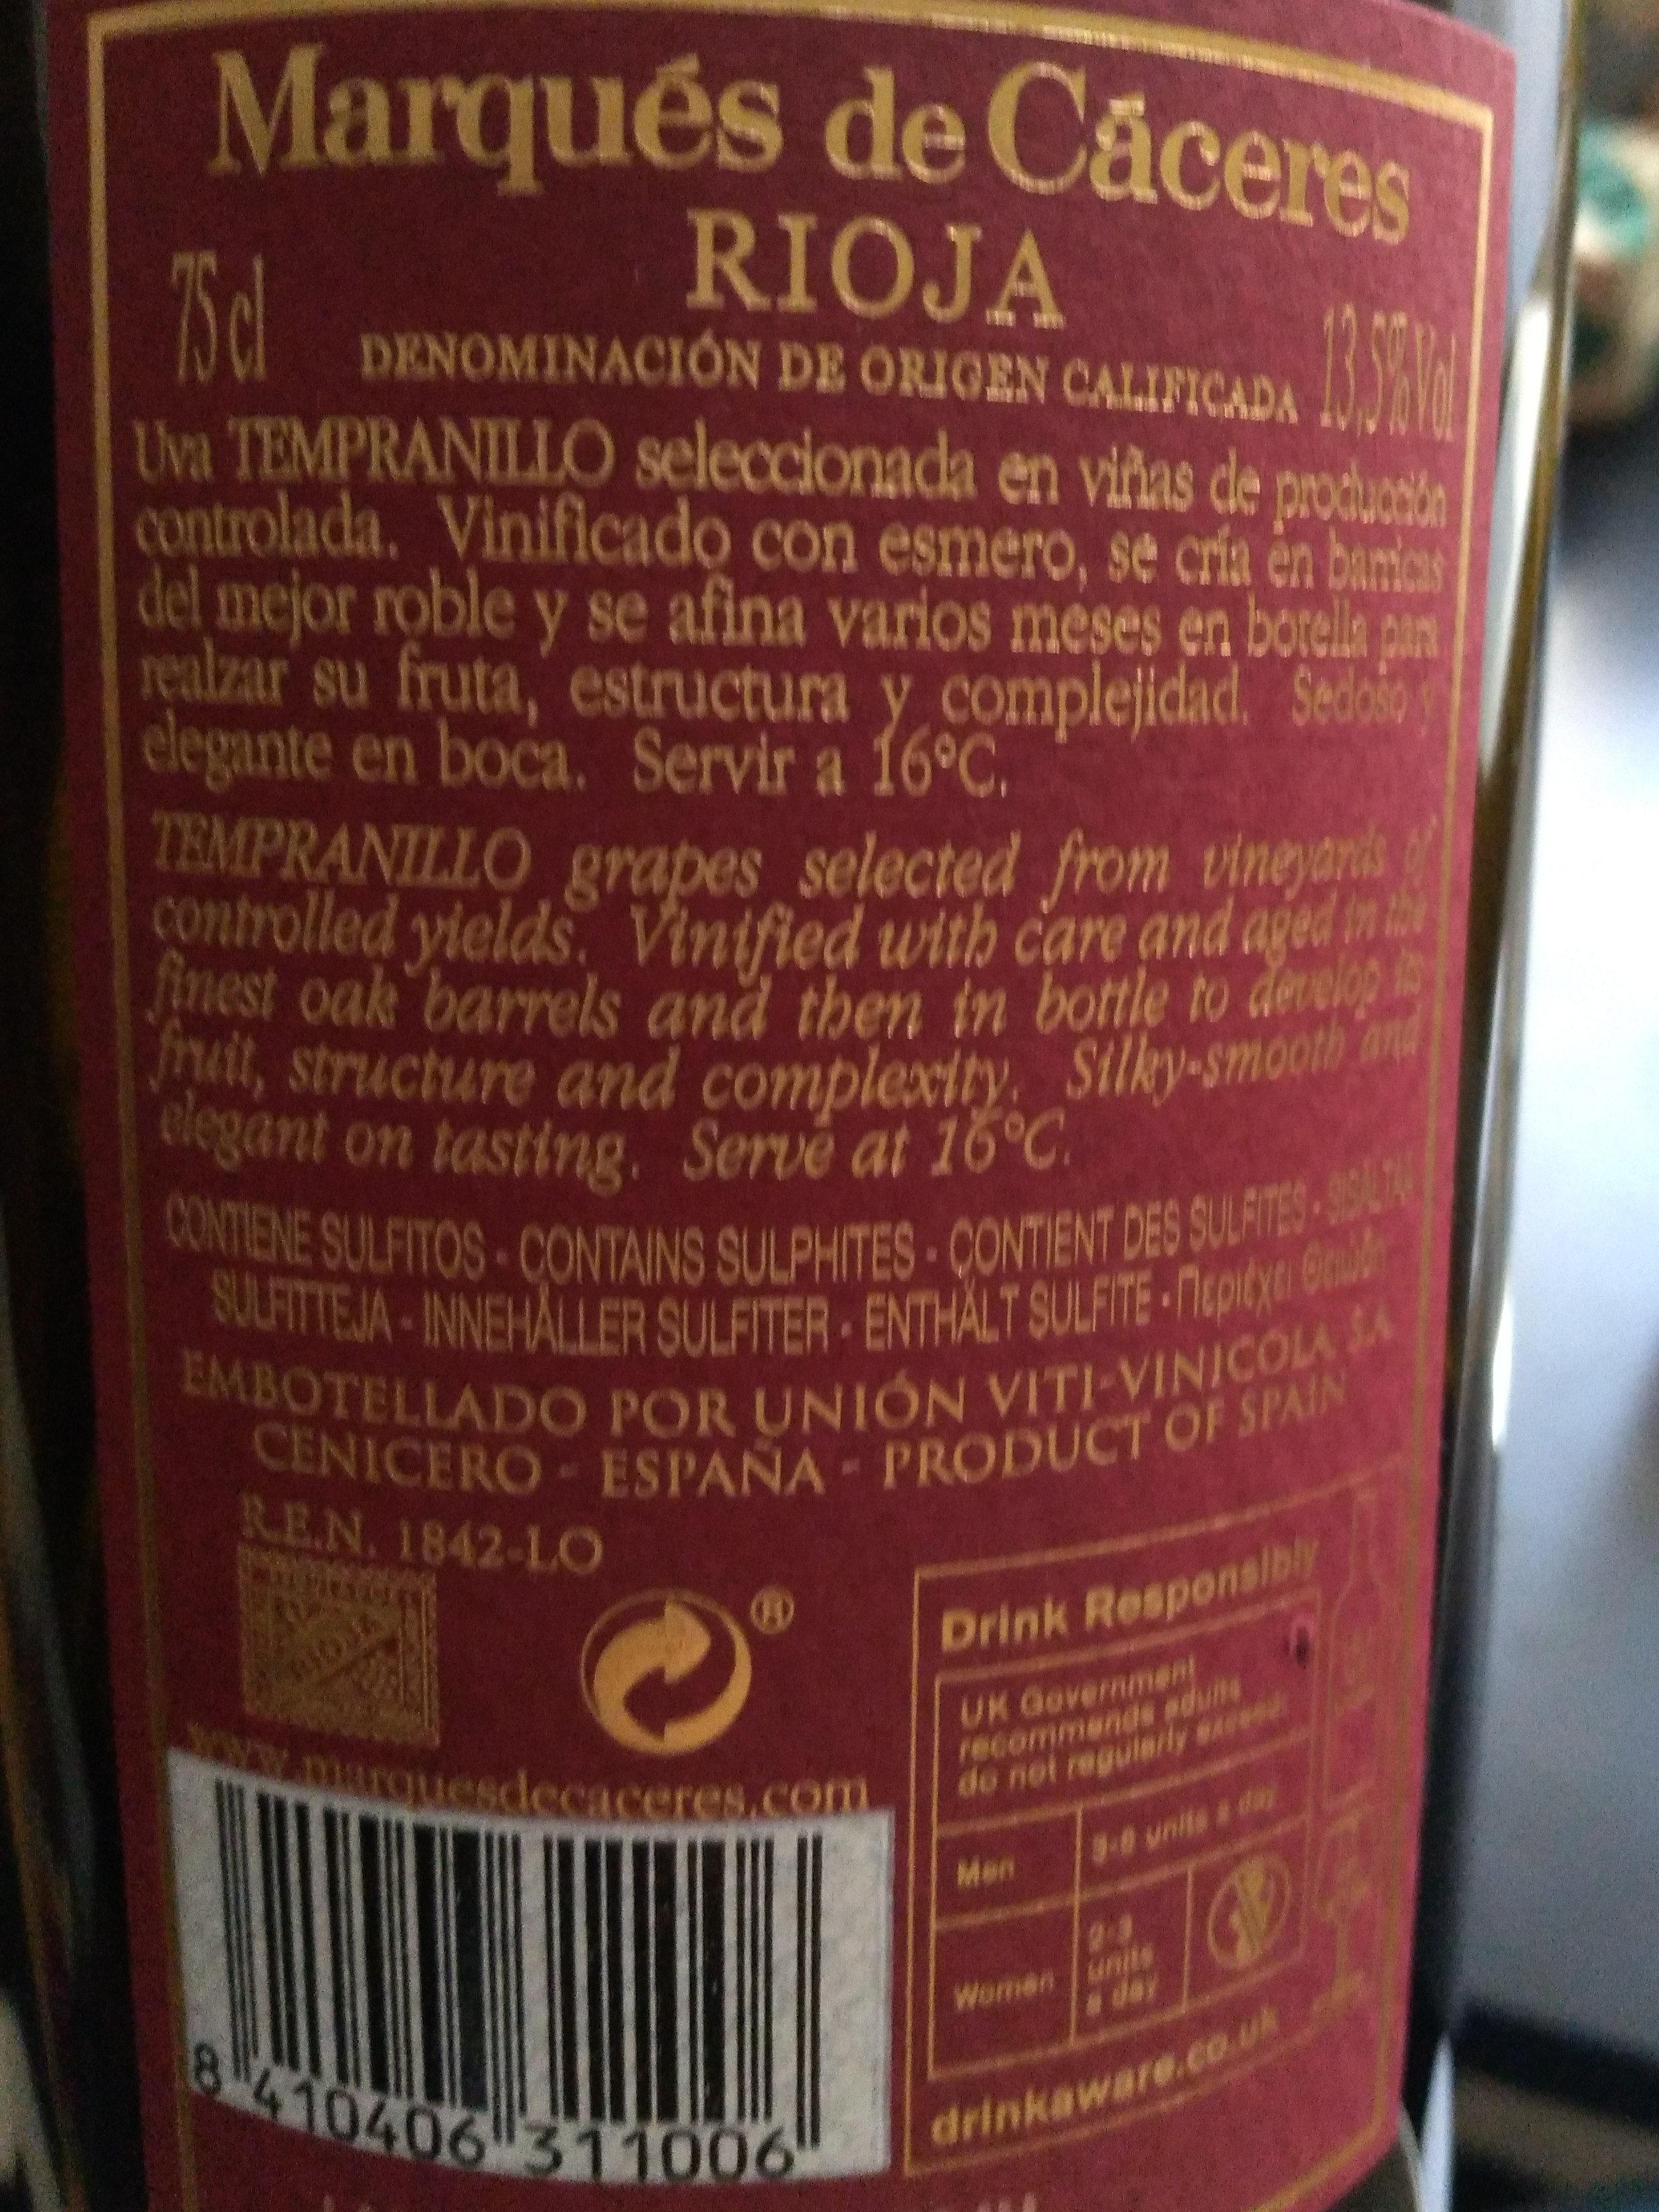 Espagne - Rioja, rouge - Ingredients - es